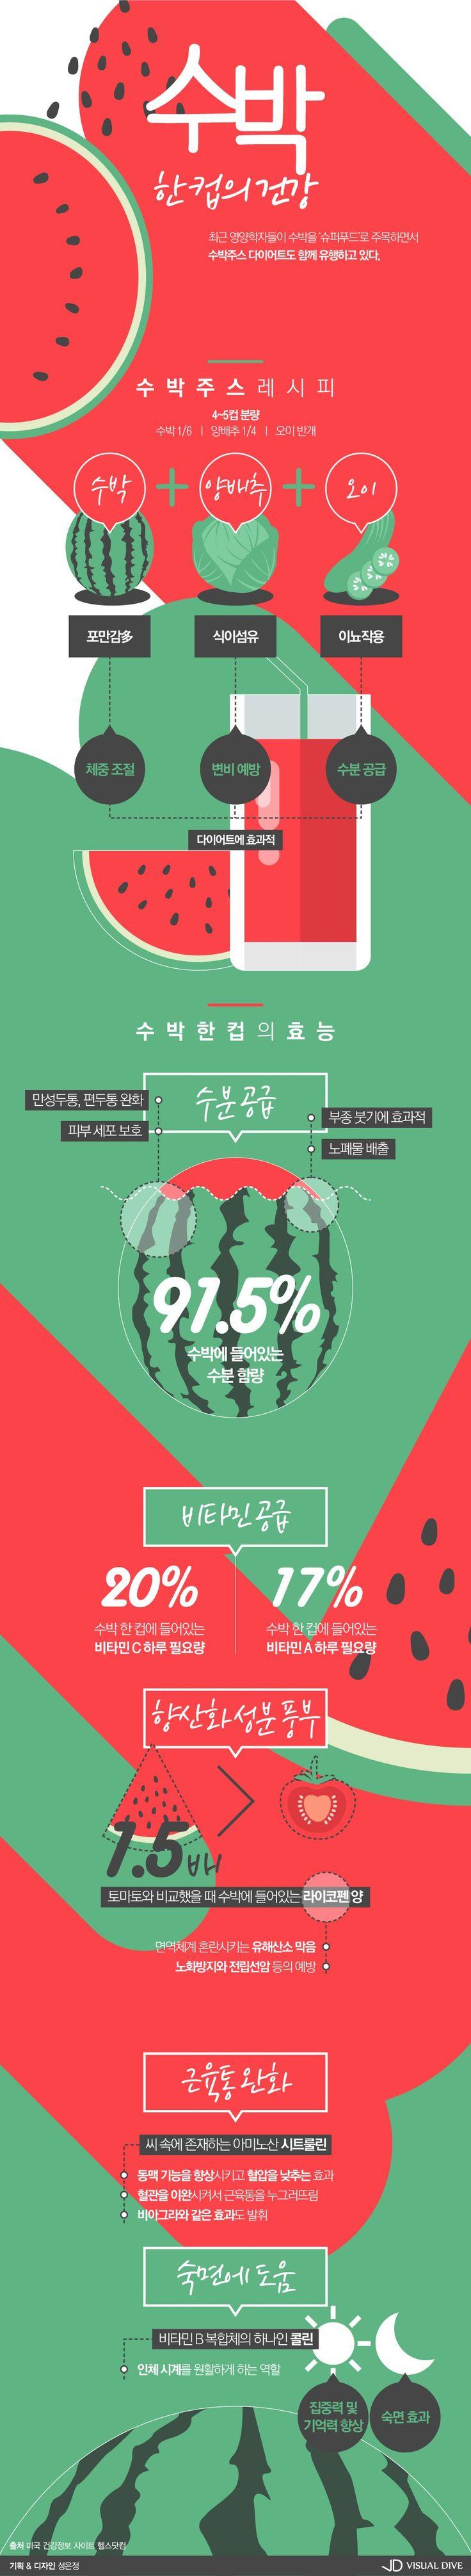 달달하고 시원하게 챙기는 수박 한 컵의 건강 [인포그래픽] #watermelon / #Infographic ⓒ 비주얼다이브 무단…